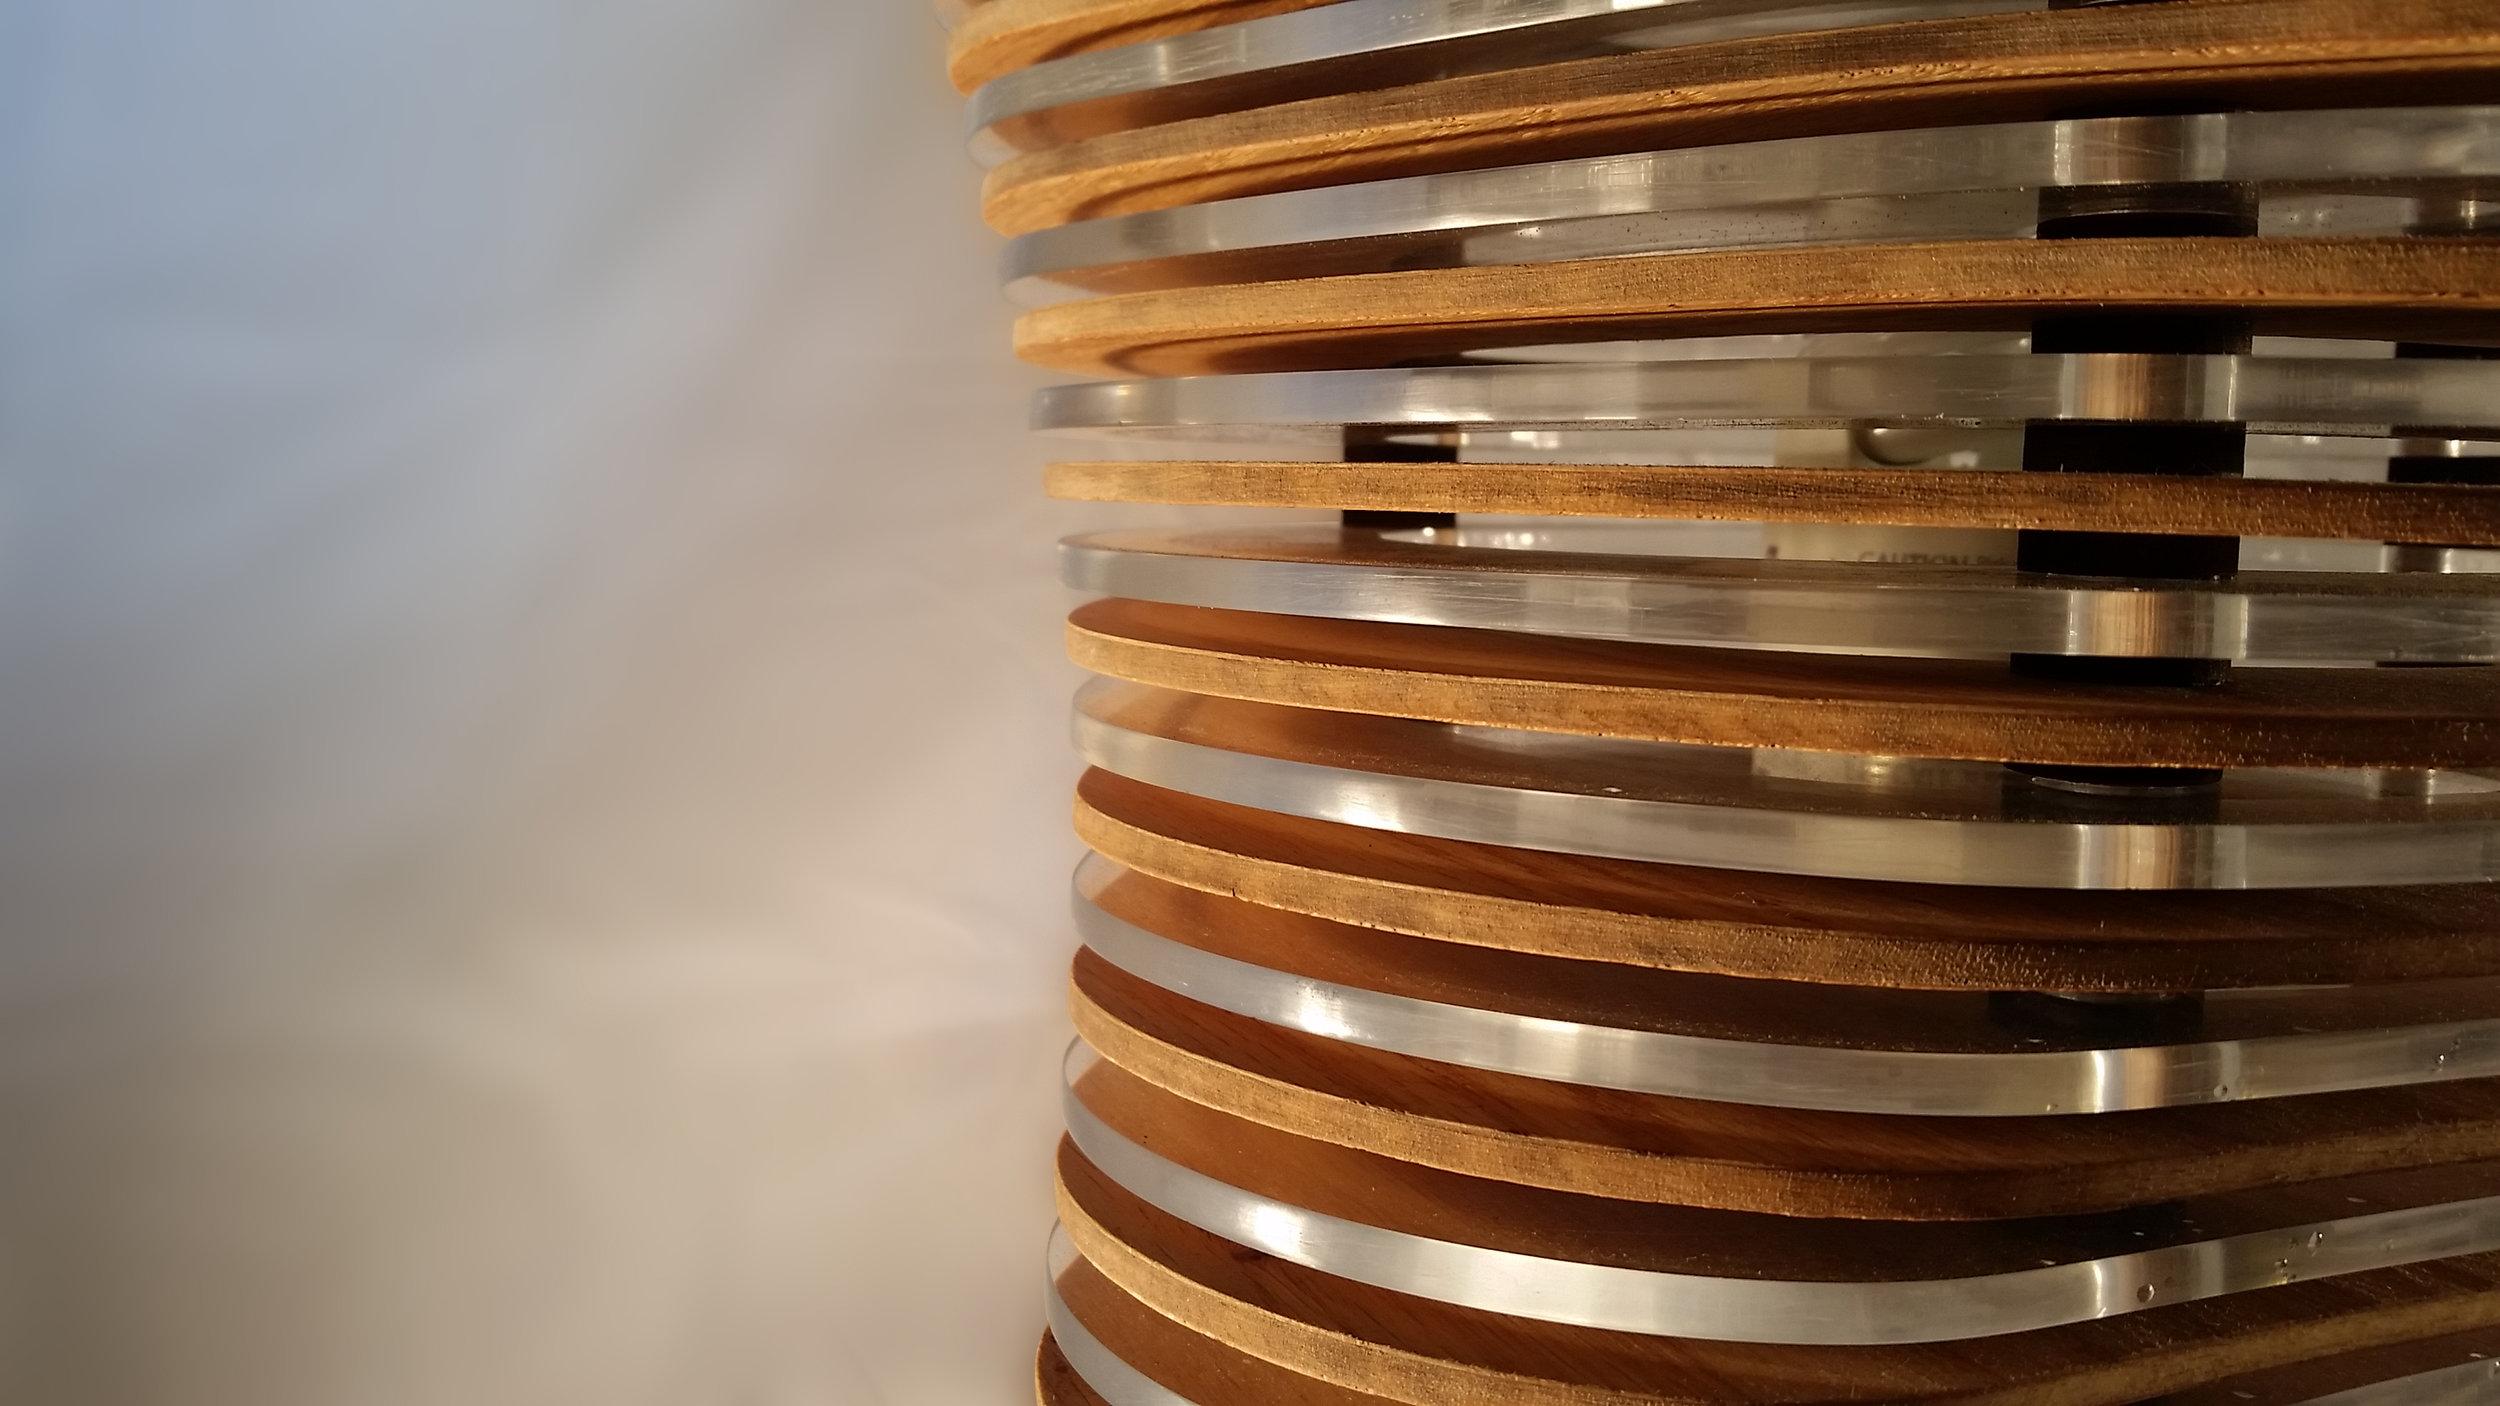 Lamp shade detail shot.